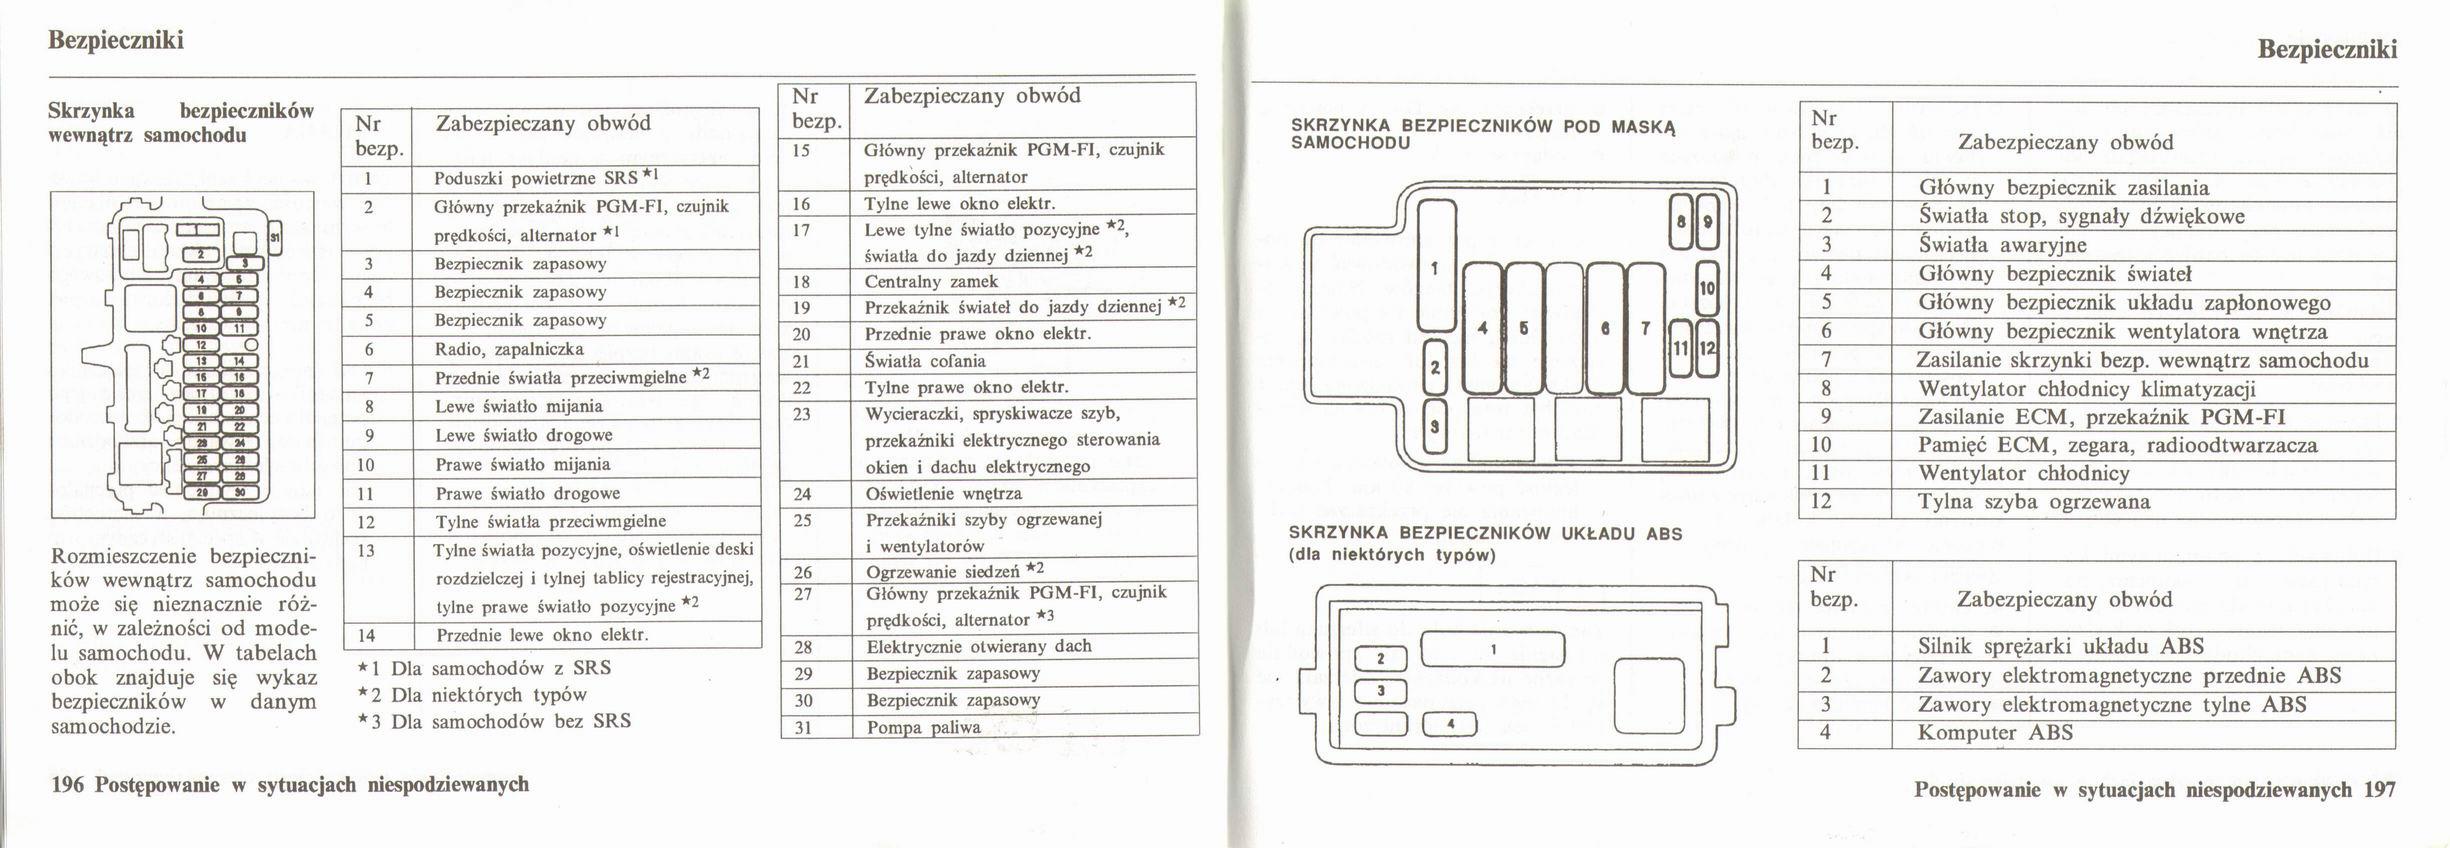 Opis Bezpiecznik 243 W Honda Civic 1 4 6 Generacji 1998 R